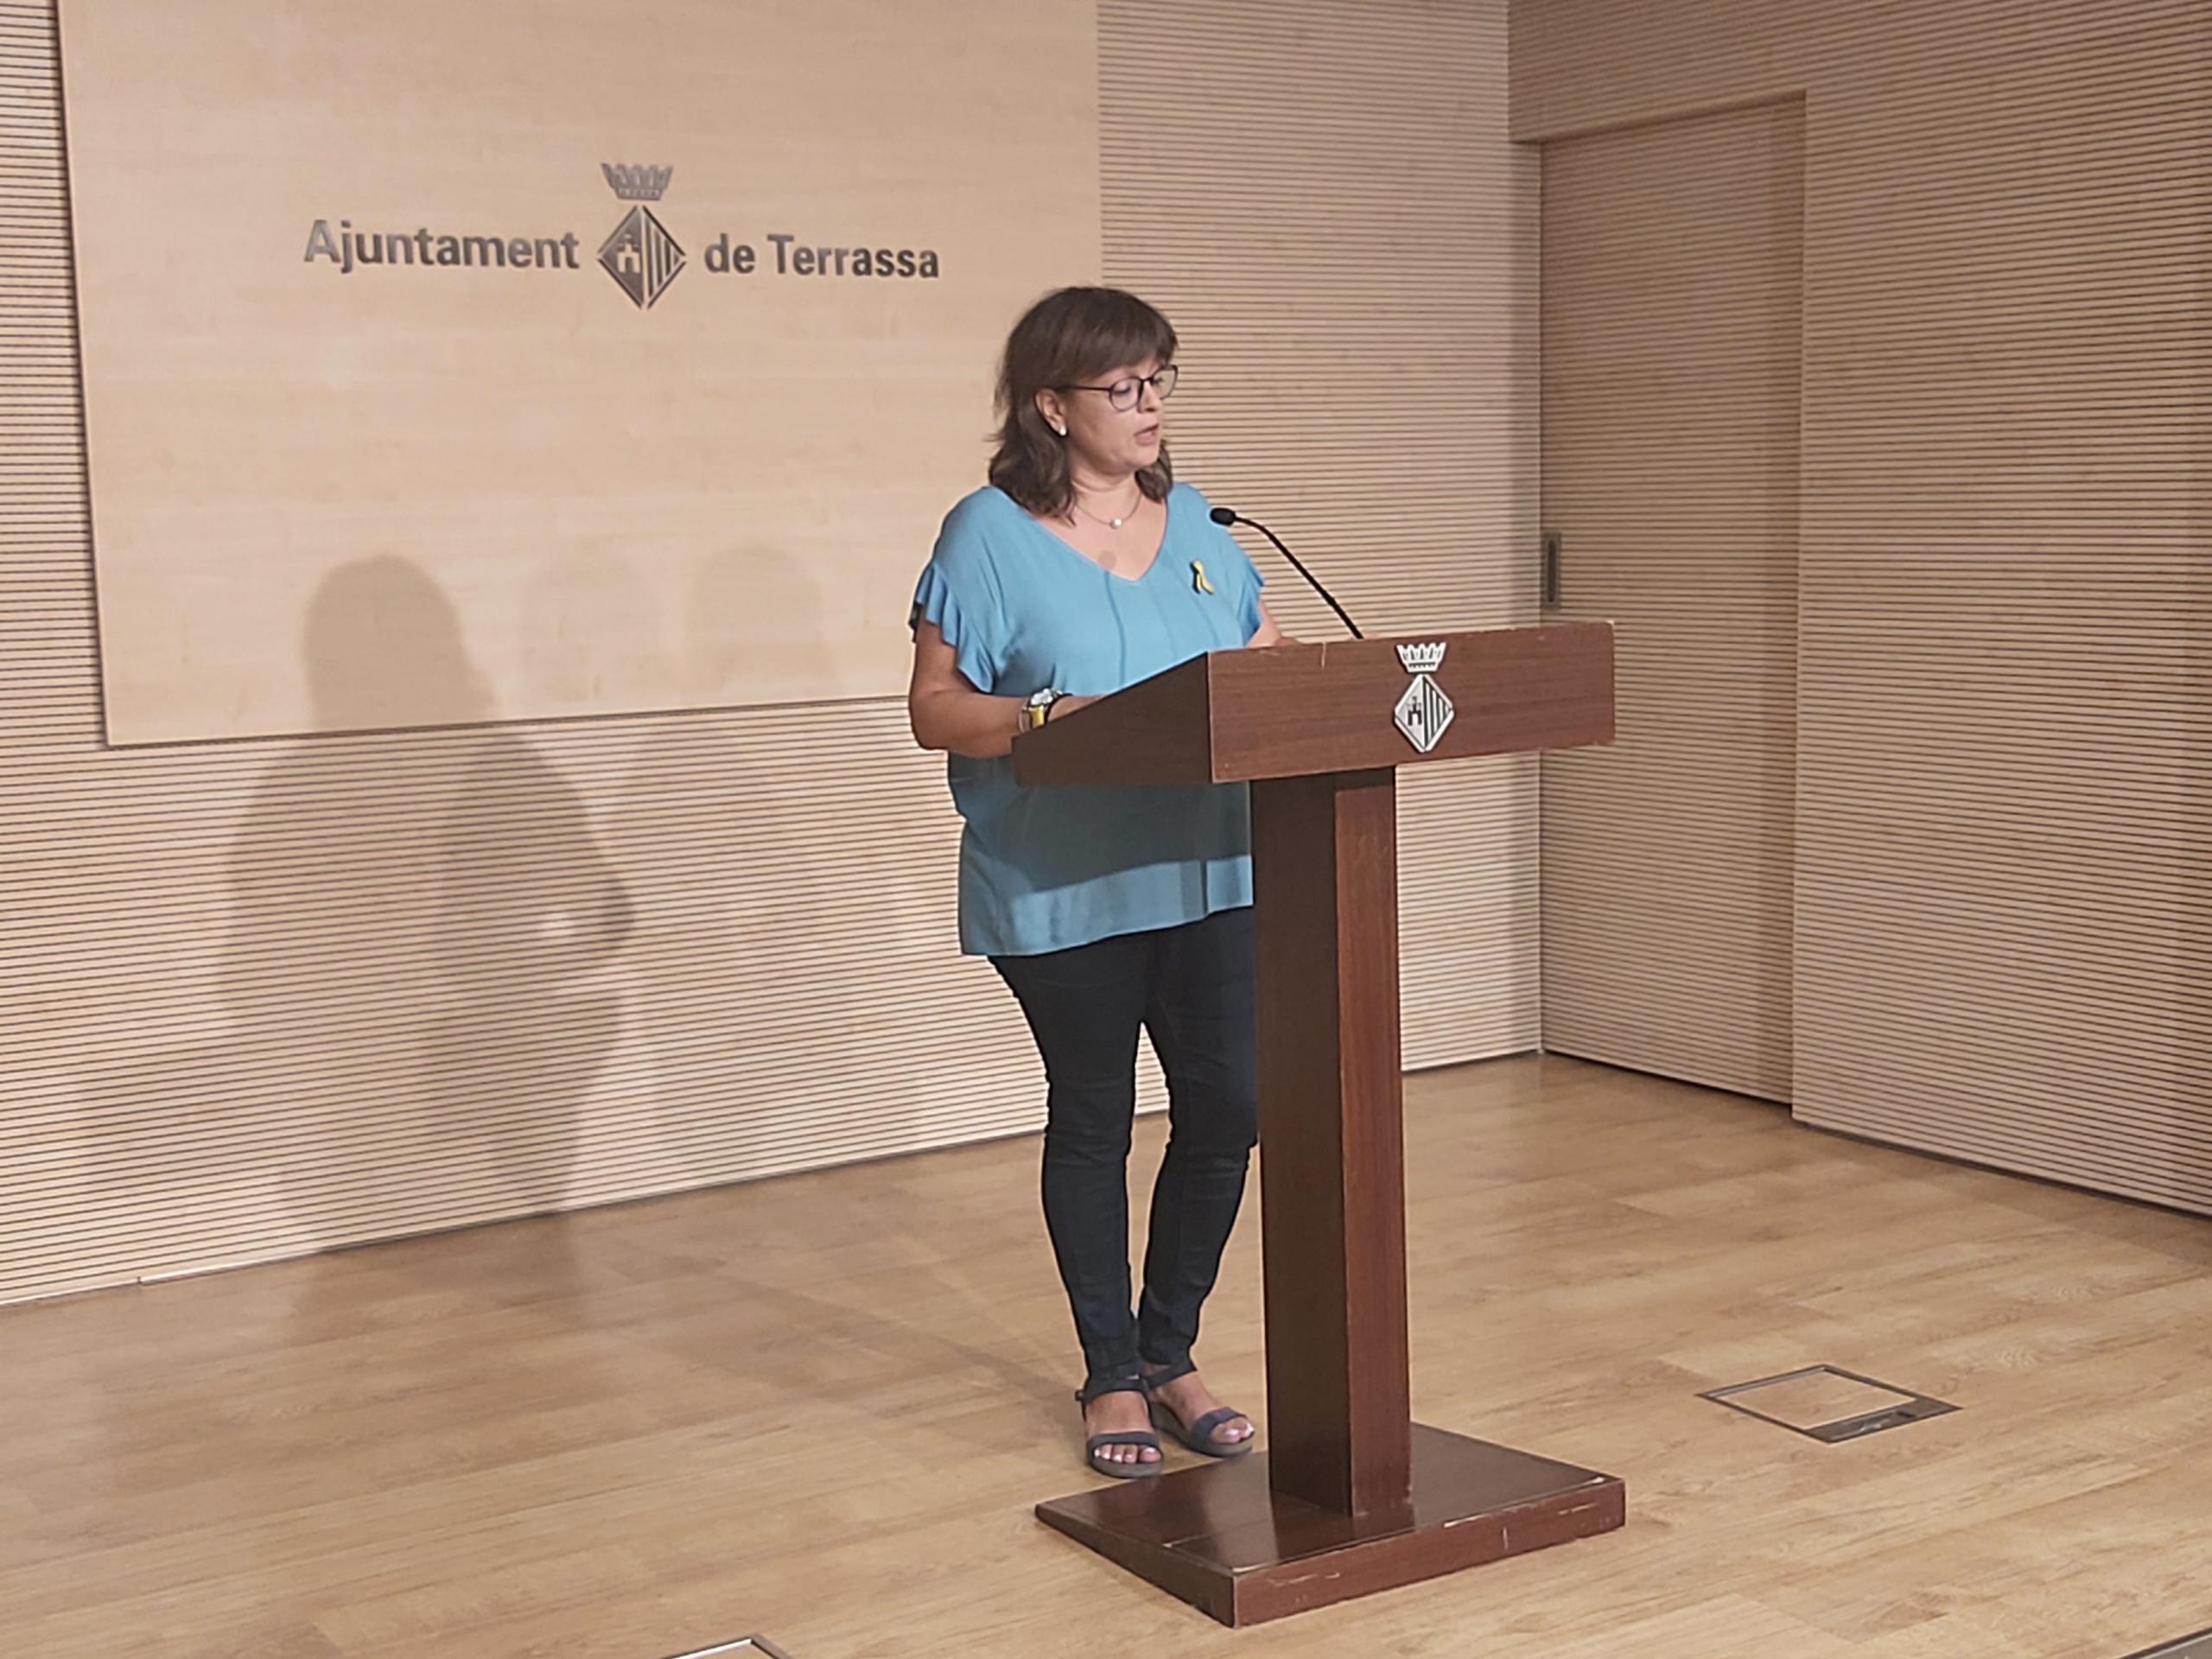 La portaveu de Junts x Terrassa, Meritxell Lluís, durant la roda de premsa d'aquest matí | Ajuntament de Terrassa